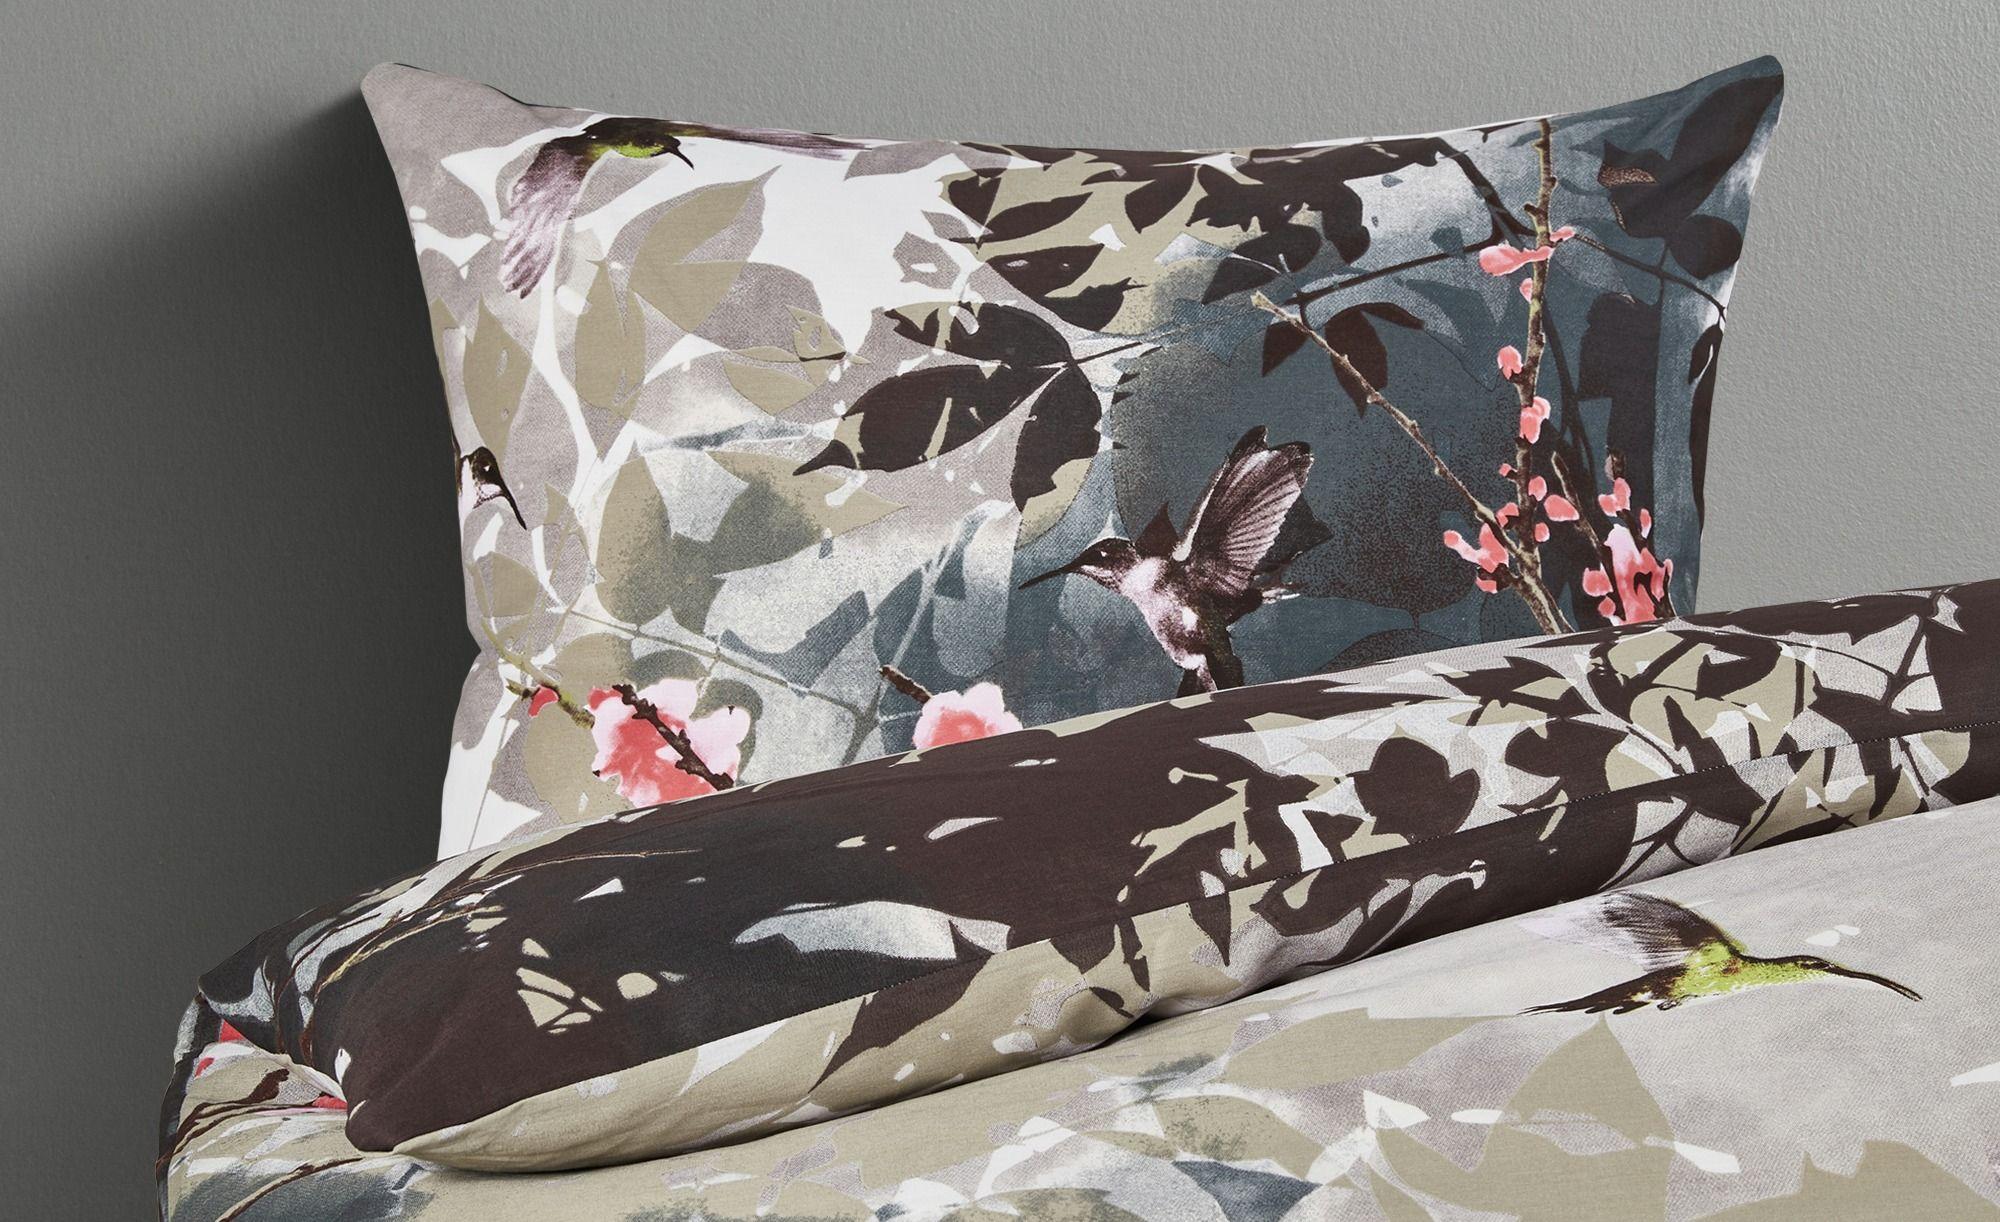 Steppdecke 100 Baumwolle Federbett 155x220 Kopfkissen Decke